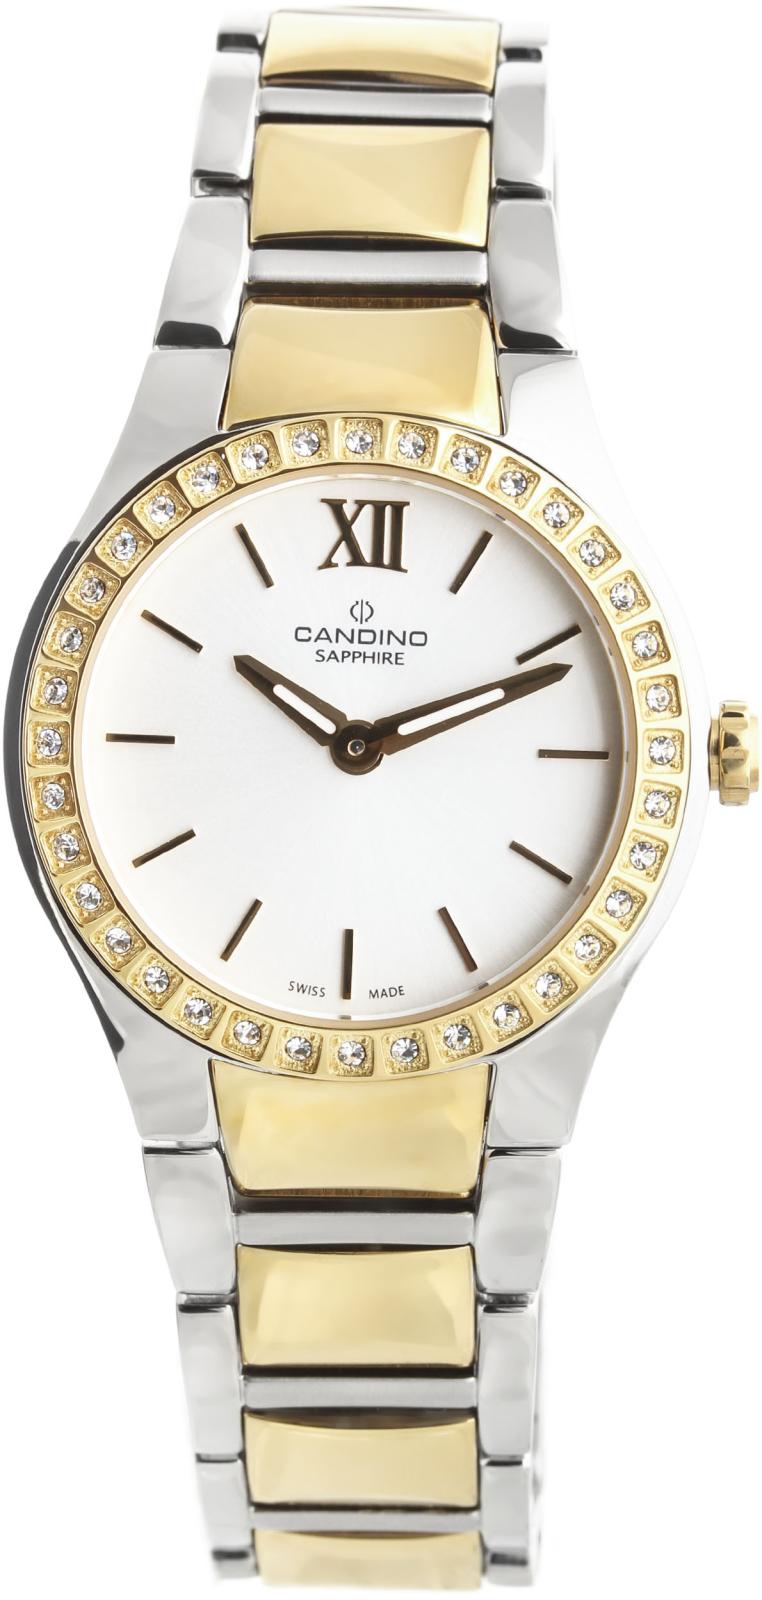 Candino Elegance C4538/1Наручные часы<br>Швейцарские часы Candino Elegance C4538/1Часы входят в модельный ряд коллекции Elegance. Это модные женские часы. Материал корпуса часов — сталь+золото. Стекло - сапфировое. Водозащита - 30 м. Цвет циферблата - белый. Циферблат содержит часы, минуты, секунды. Диаметр корпуса часов составляет 30мм.<br><br>Пол: Женские<br>Страна-производитель: Швейцария<br>Механизм: Кварцевый<br>Материал корпуса: Сталь+Золото<br>Материал ремня/браслета: Сталь+Золото<br>Водозащита, диапазон: 20 - 100 м<br>Стекло: Сапфировое<br>Толщина корпуса: None<br>Стиль: Мода